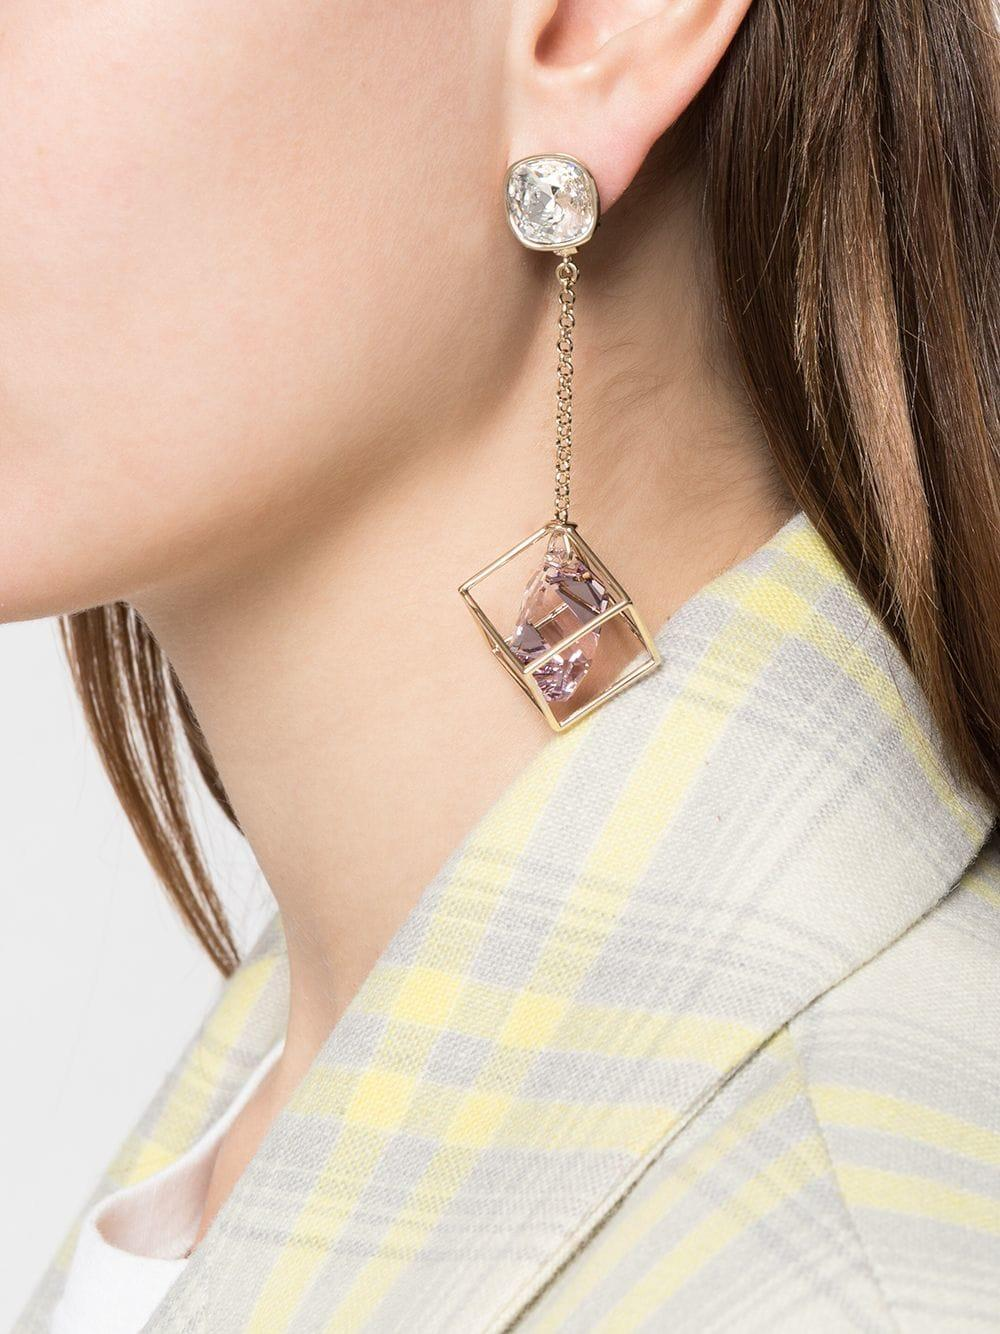 3573963f2ac38 Lyst - Atelier Swarovski Nostalgia Pendant Drop Earrings By Mary Katrantzou  in Metallic